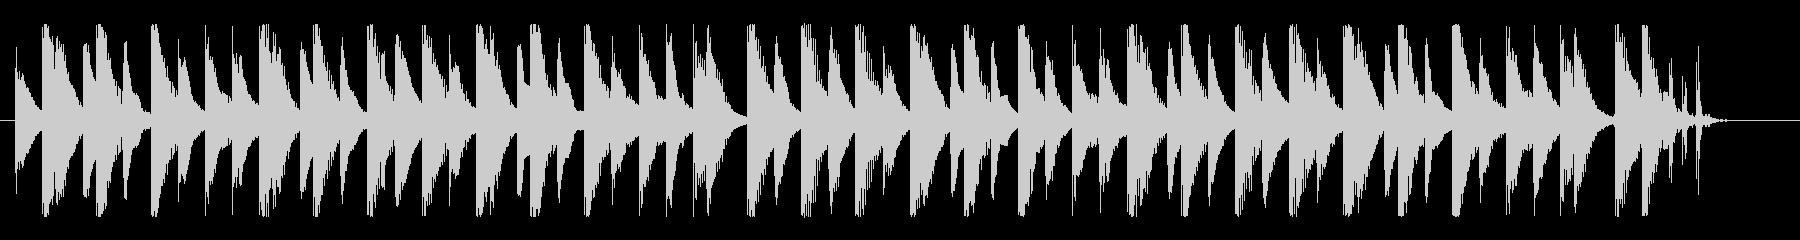 ハッピー&クリーンなマリンバメロディの未再生の波形